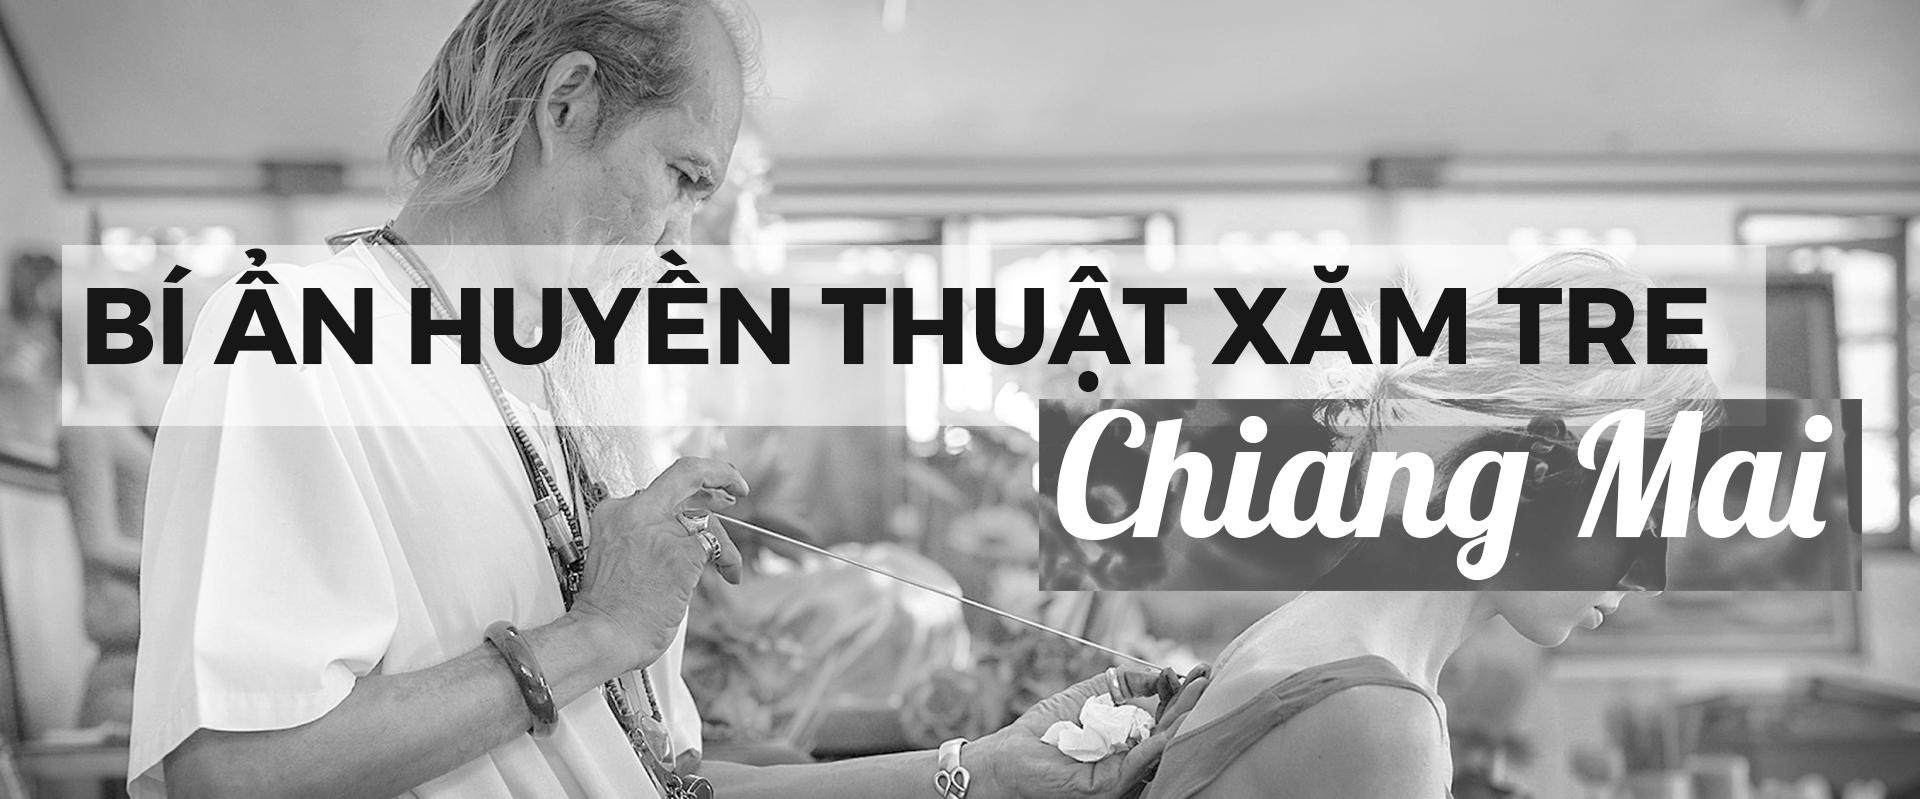 Bí ẩn huyền thuật xăm tre tại Thái Lan